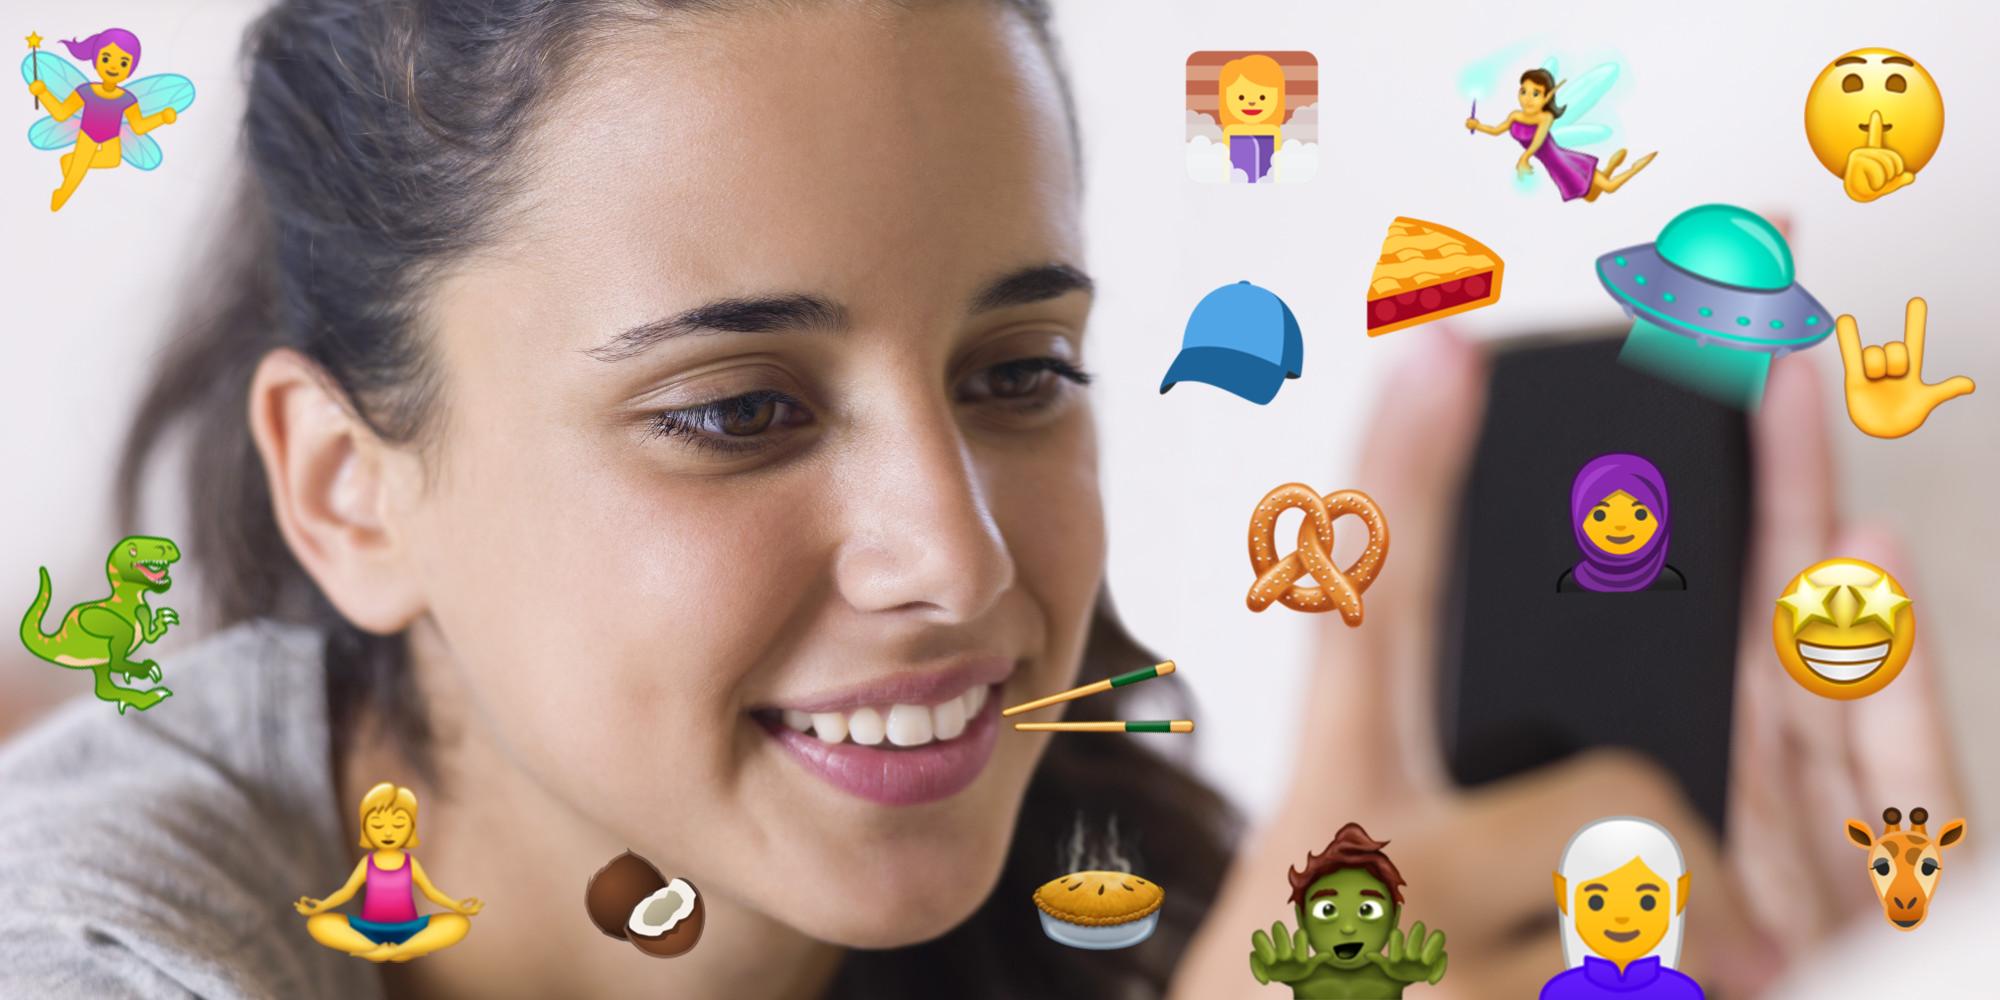 Novos Emojis para você arrasar em 2017 nas redes sociais